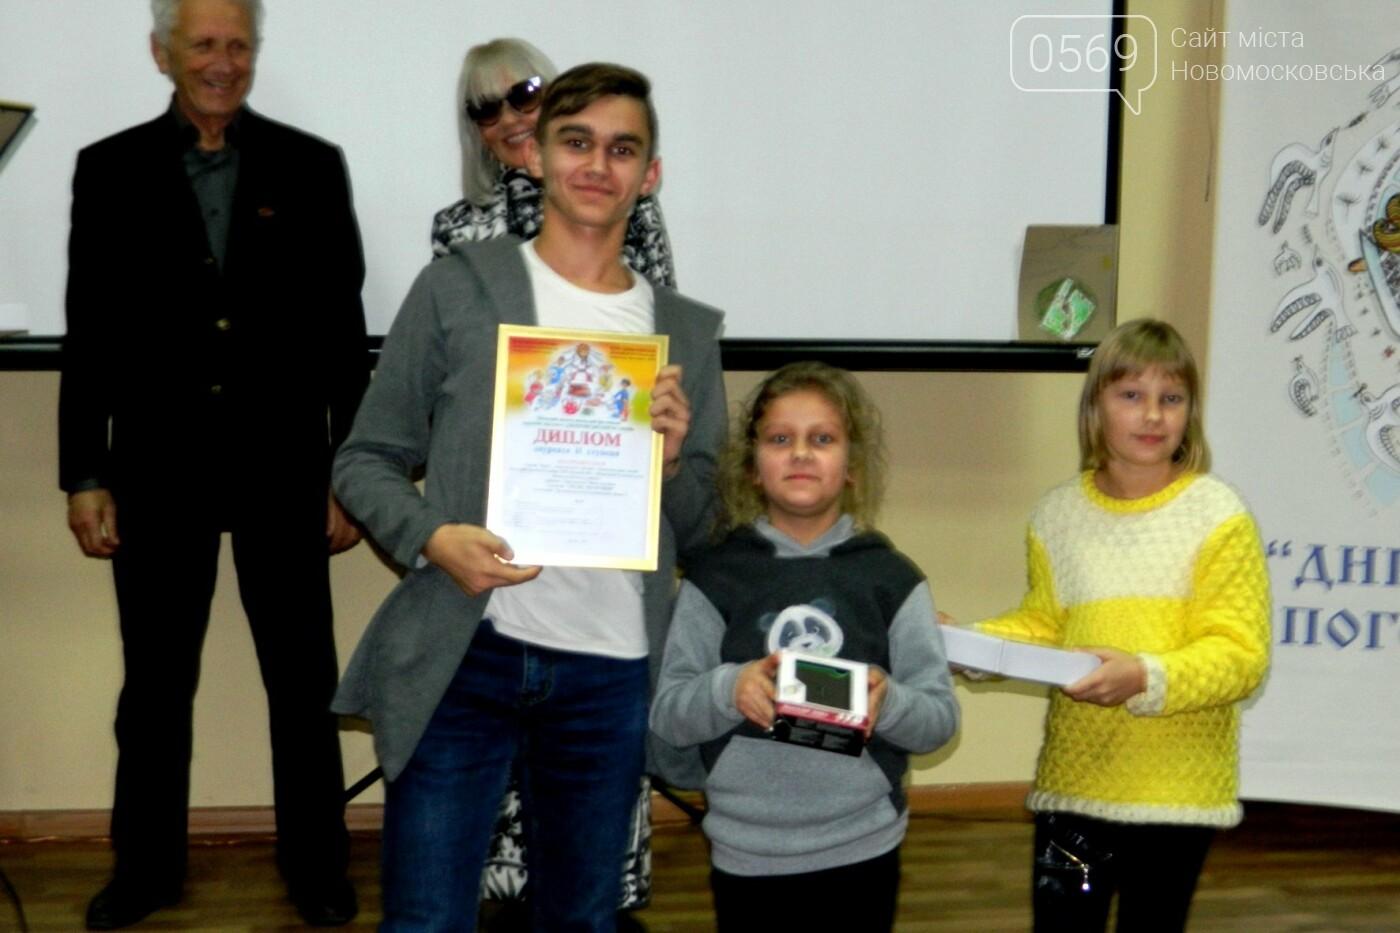 Юні таланти Піщанської ОТГ отримали Приз глядацьких симпатій та Дипломи лауреатів обласного дитячого кінофестивалю, фото-2